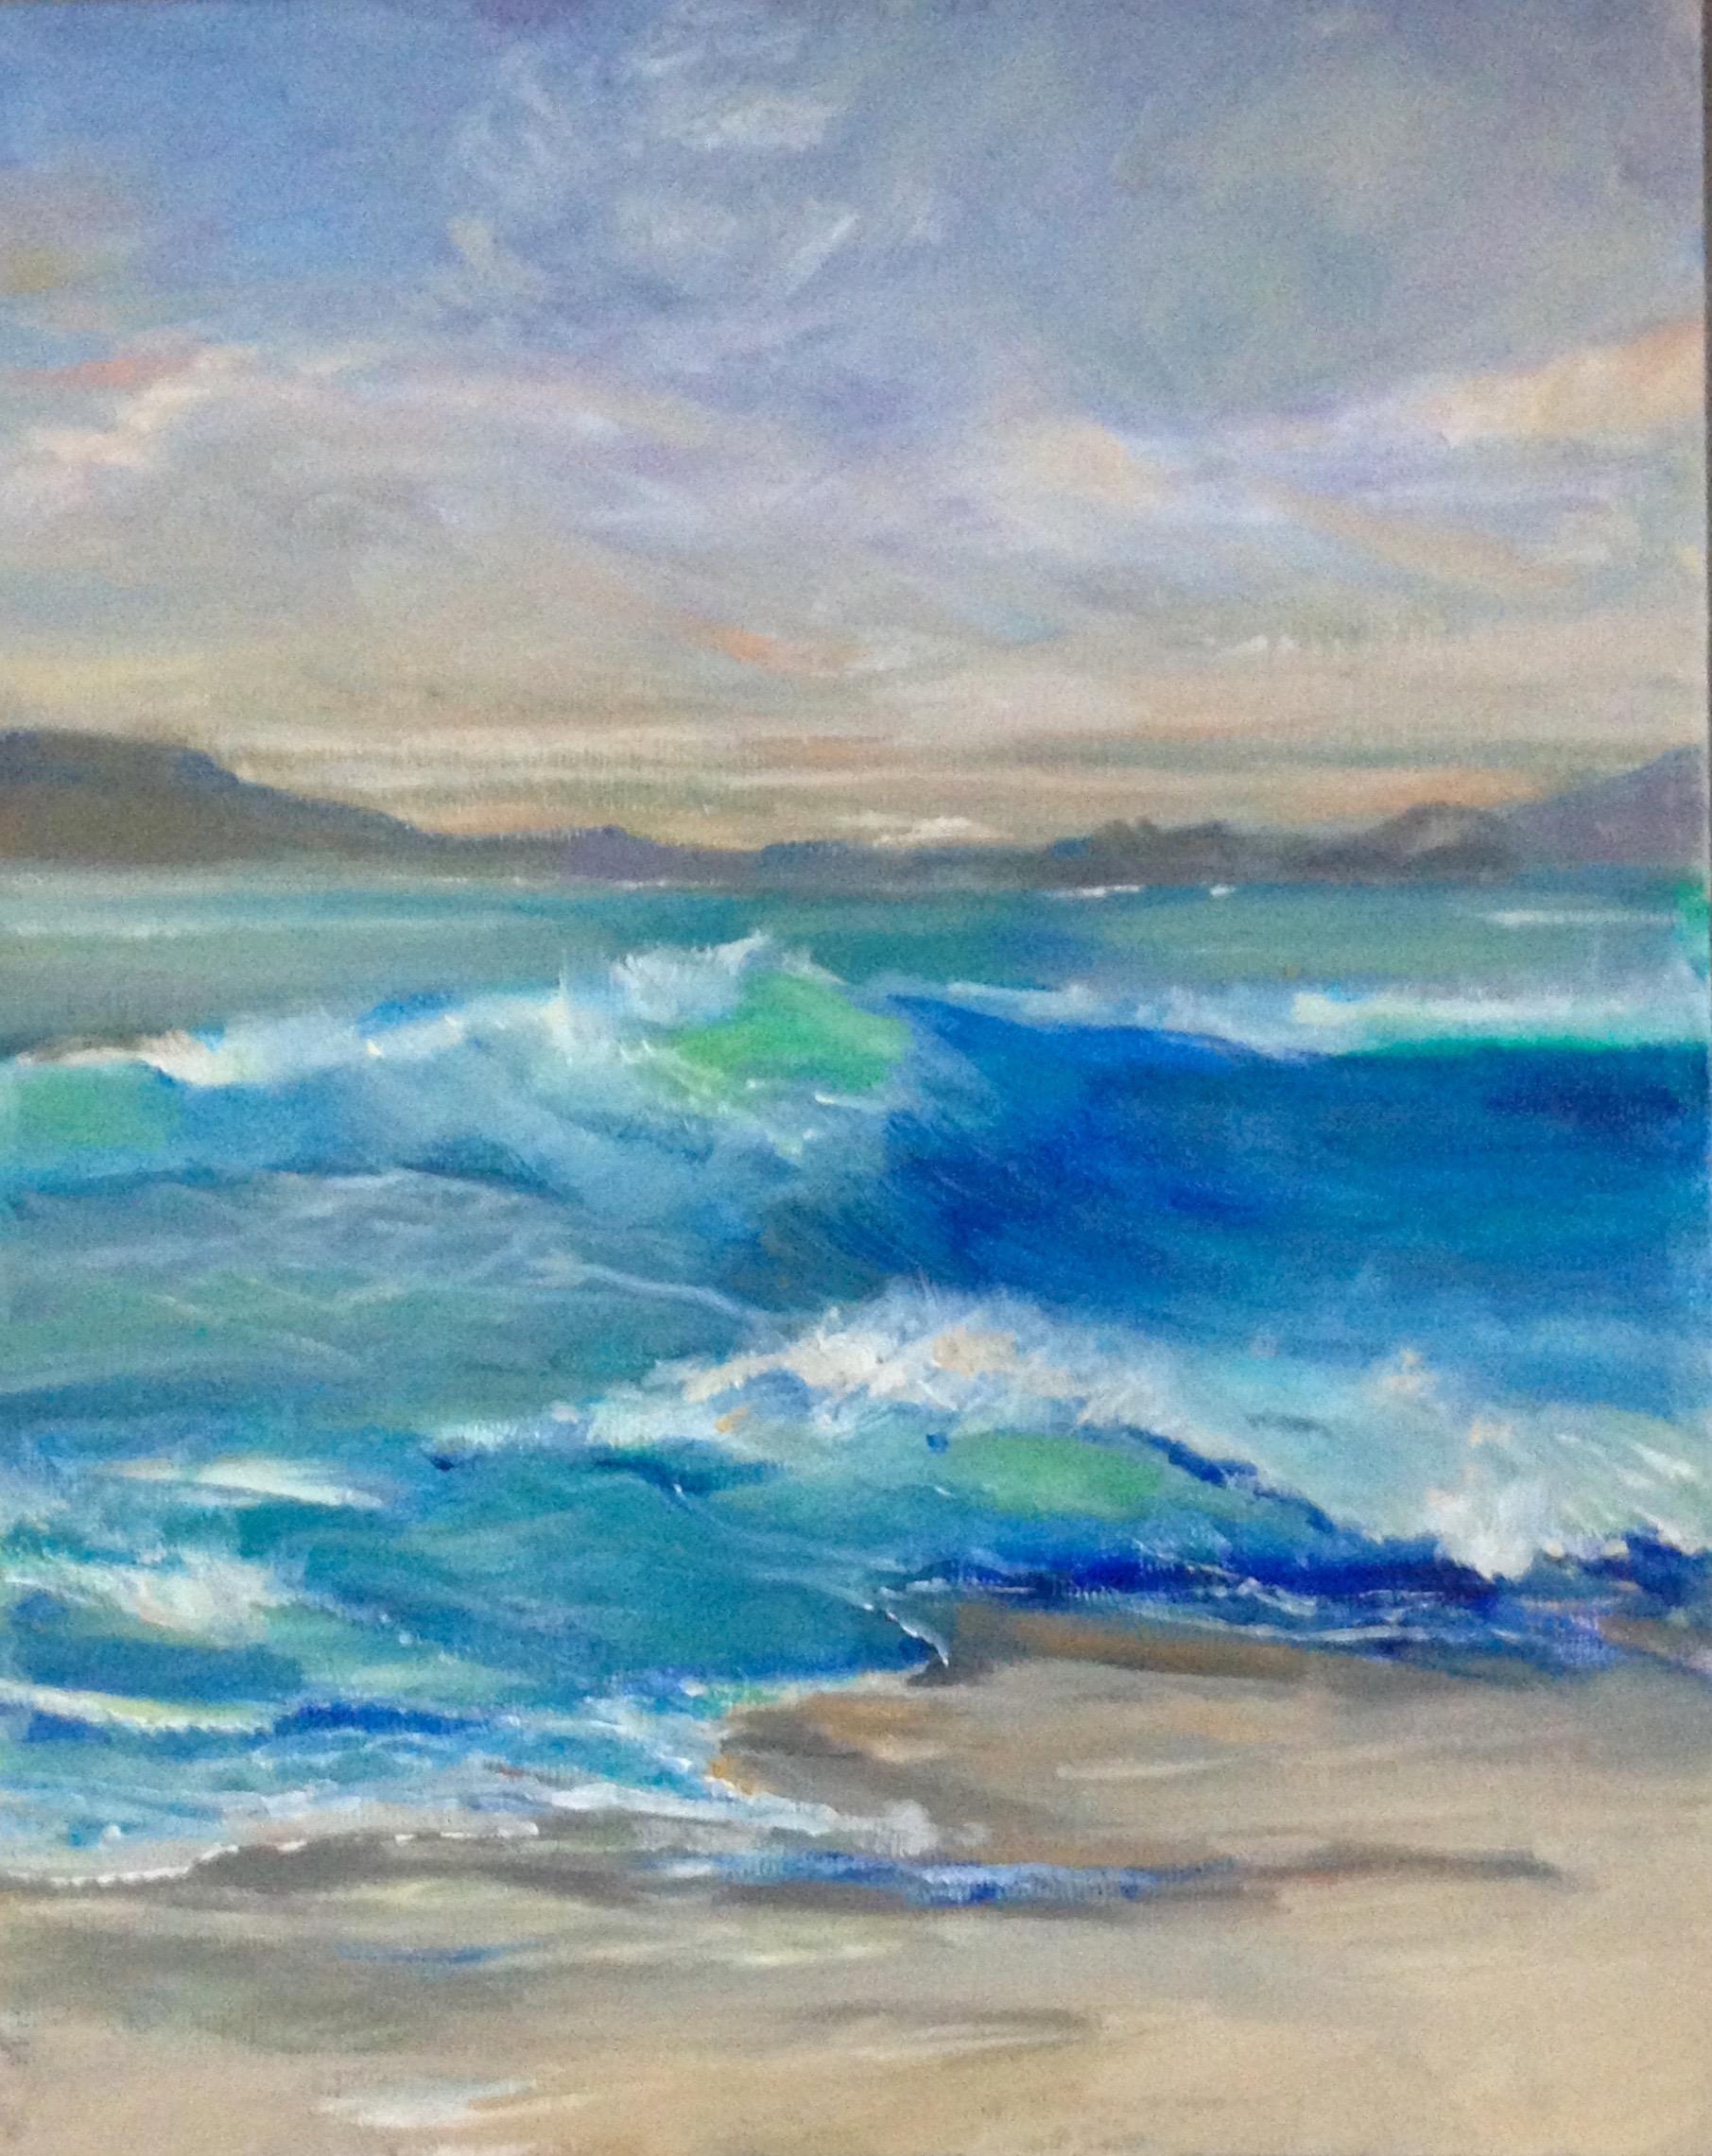 Coastal #7 Strong Surf